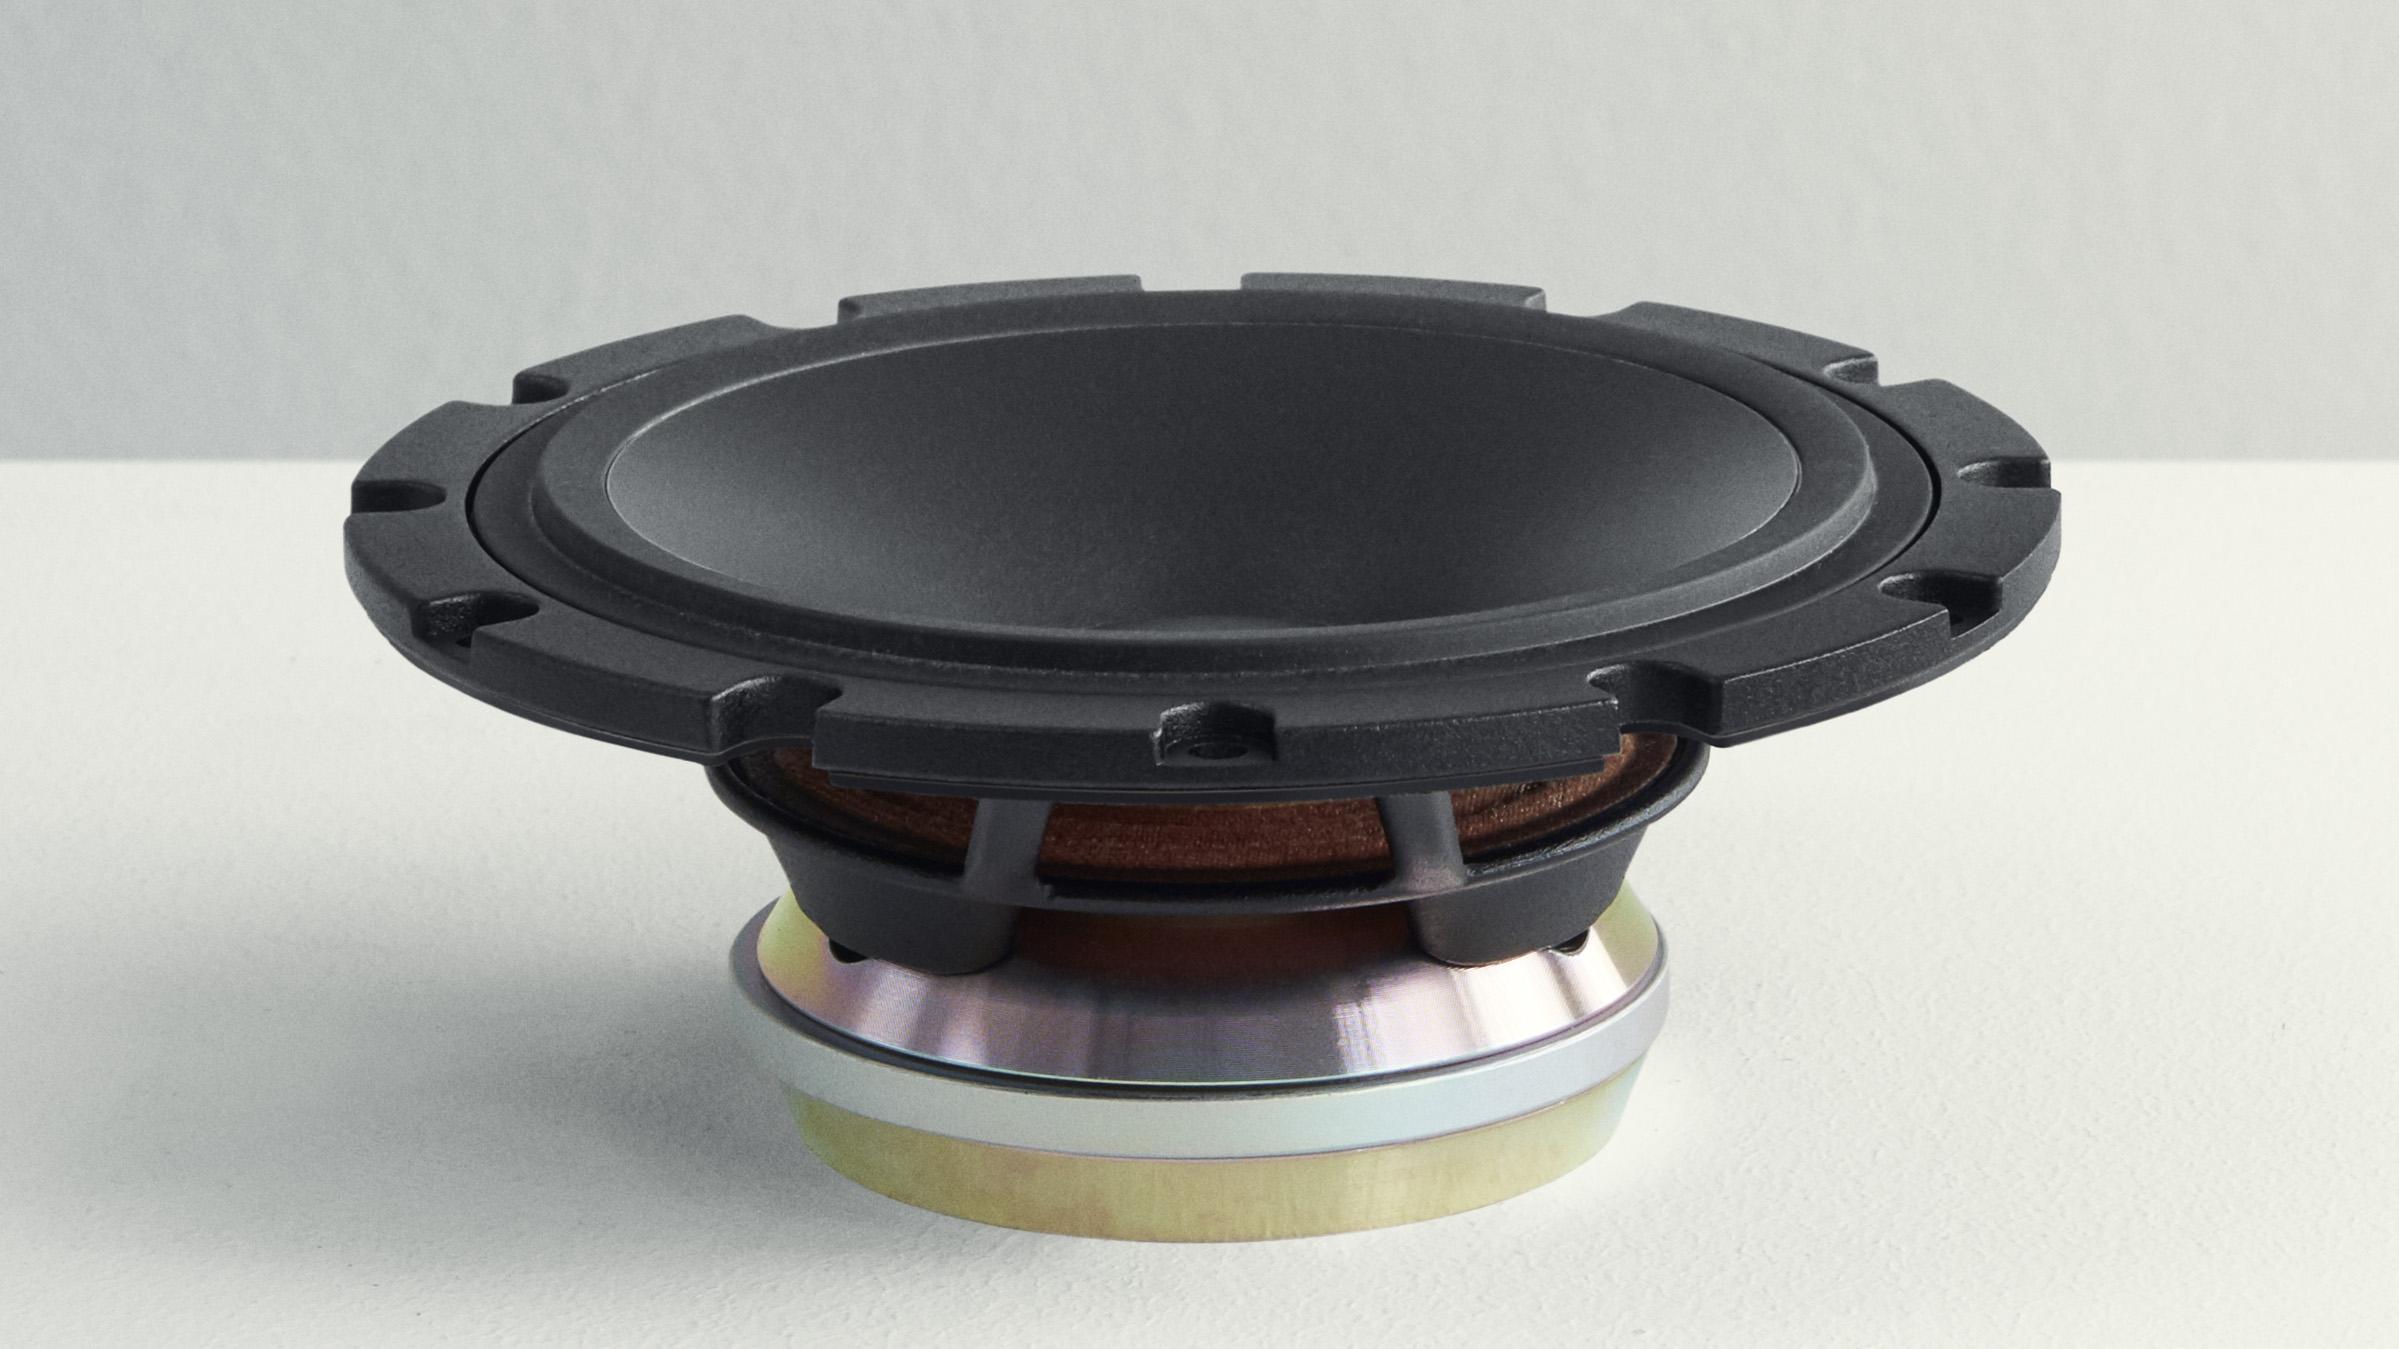 Speaker part - Dynaudio Confidence midrange with Horizon